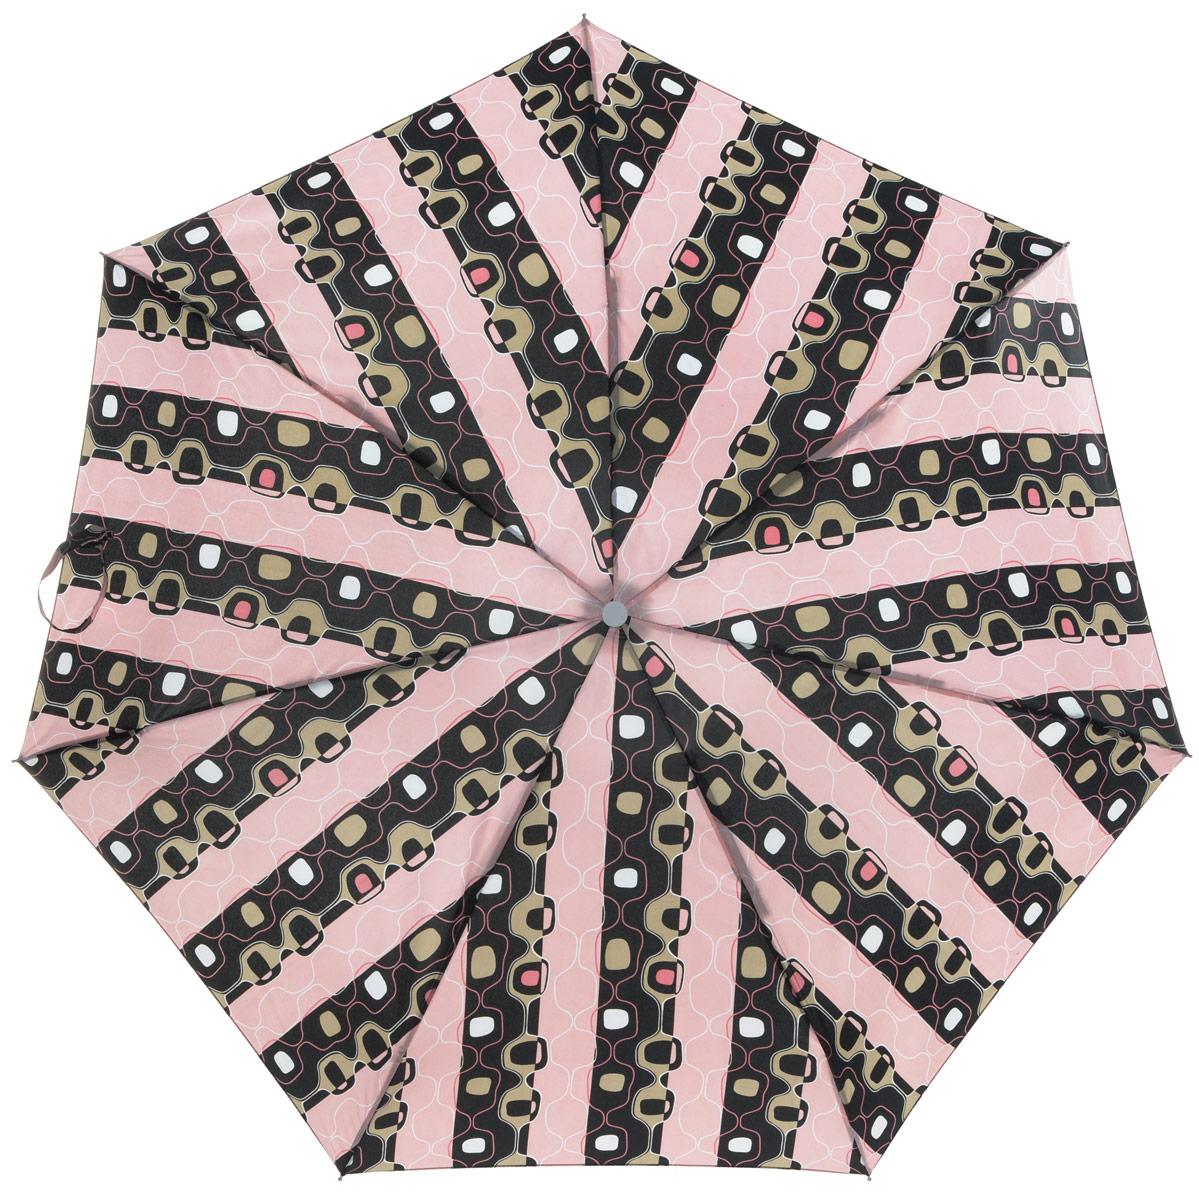 Зонт женский Labbra, механика, 5 сложений, цвет: черный, розовый. M5-05-011M5-05-011Яркий зонт Labbra не оставит вас незамеченной. Зонт оформлен оригинальным узором. Стержень изделия изготовлен из алюминия. Зонт состоит из семи спиц, изготовленных из фибергласса и алюминия, дополнен ручкой из пластика. Купол выполнен из качественного полиэстера, который не пропускает воду. Зонт имеет механический способ сложения: и купол, и стержень открываются вручную до характерного щелчка. Ручка дополнена петлей, благодаря которой зонт можно носить на запястье. К зонту прилагается чехол. Практичный аксессуар даже в ненастную погоду позволит вам оставаться стильной и элегантной.